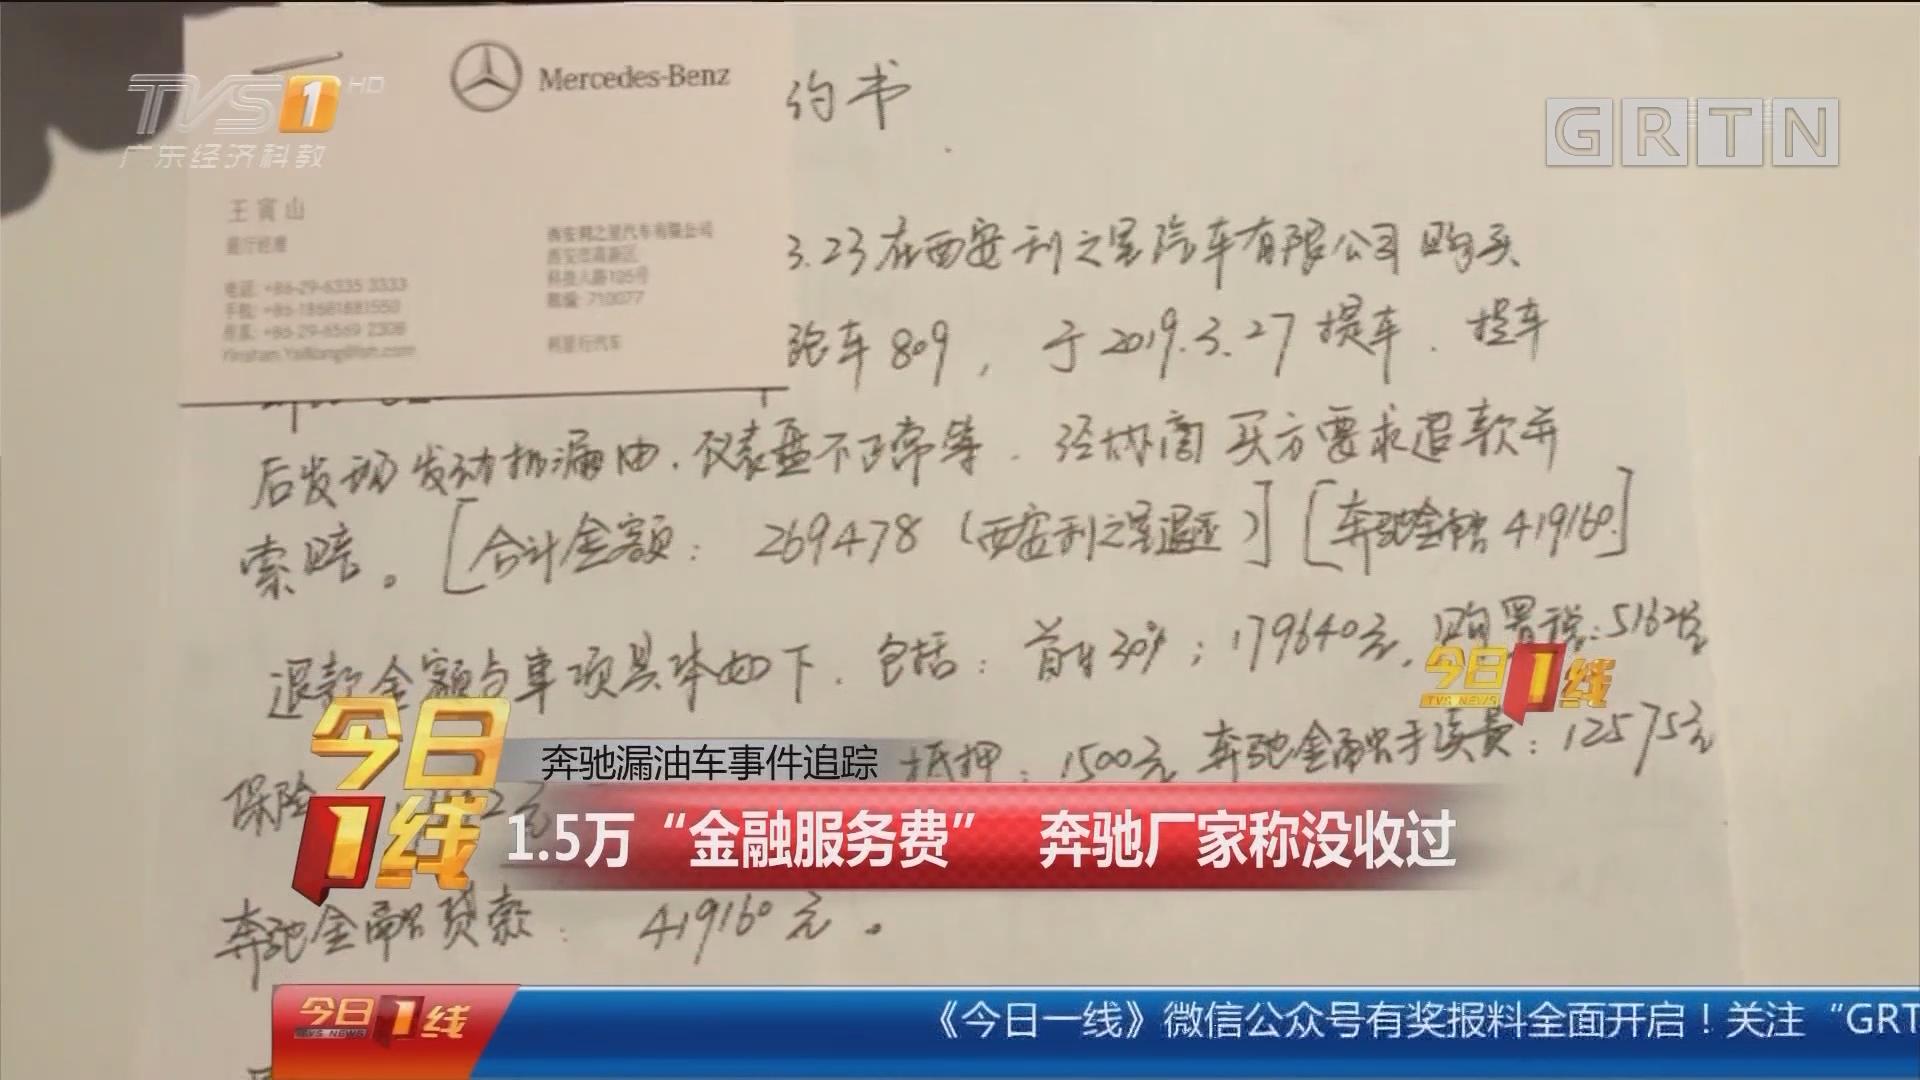 """奔驰漏油车事件追踪:1.5万""""金融服务费"""" 奔驰厂家称没收过"""